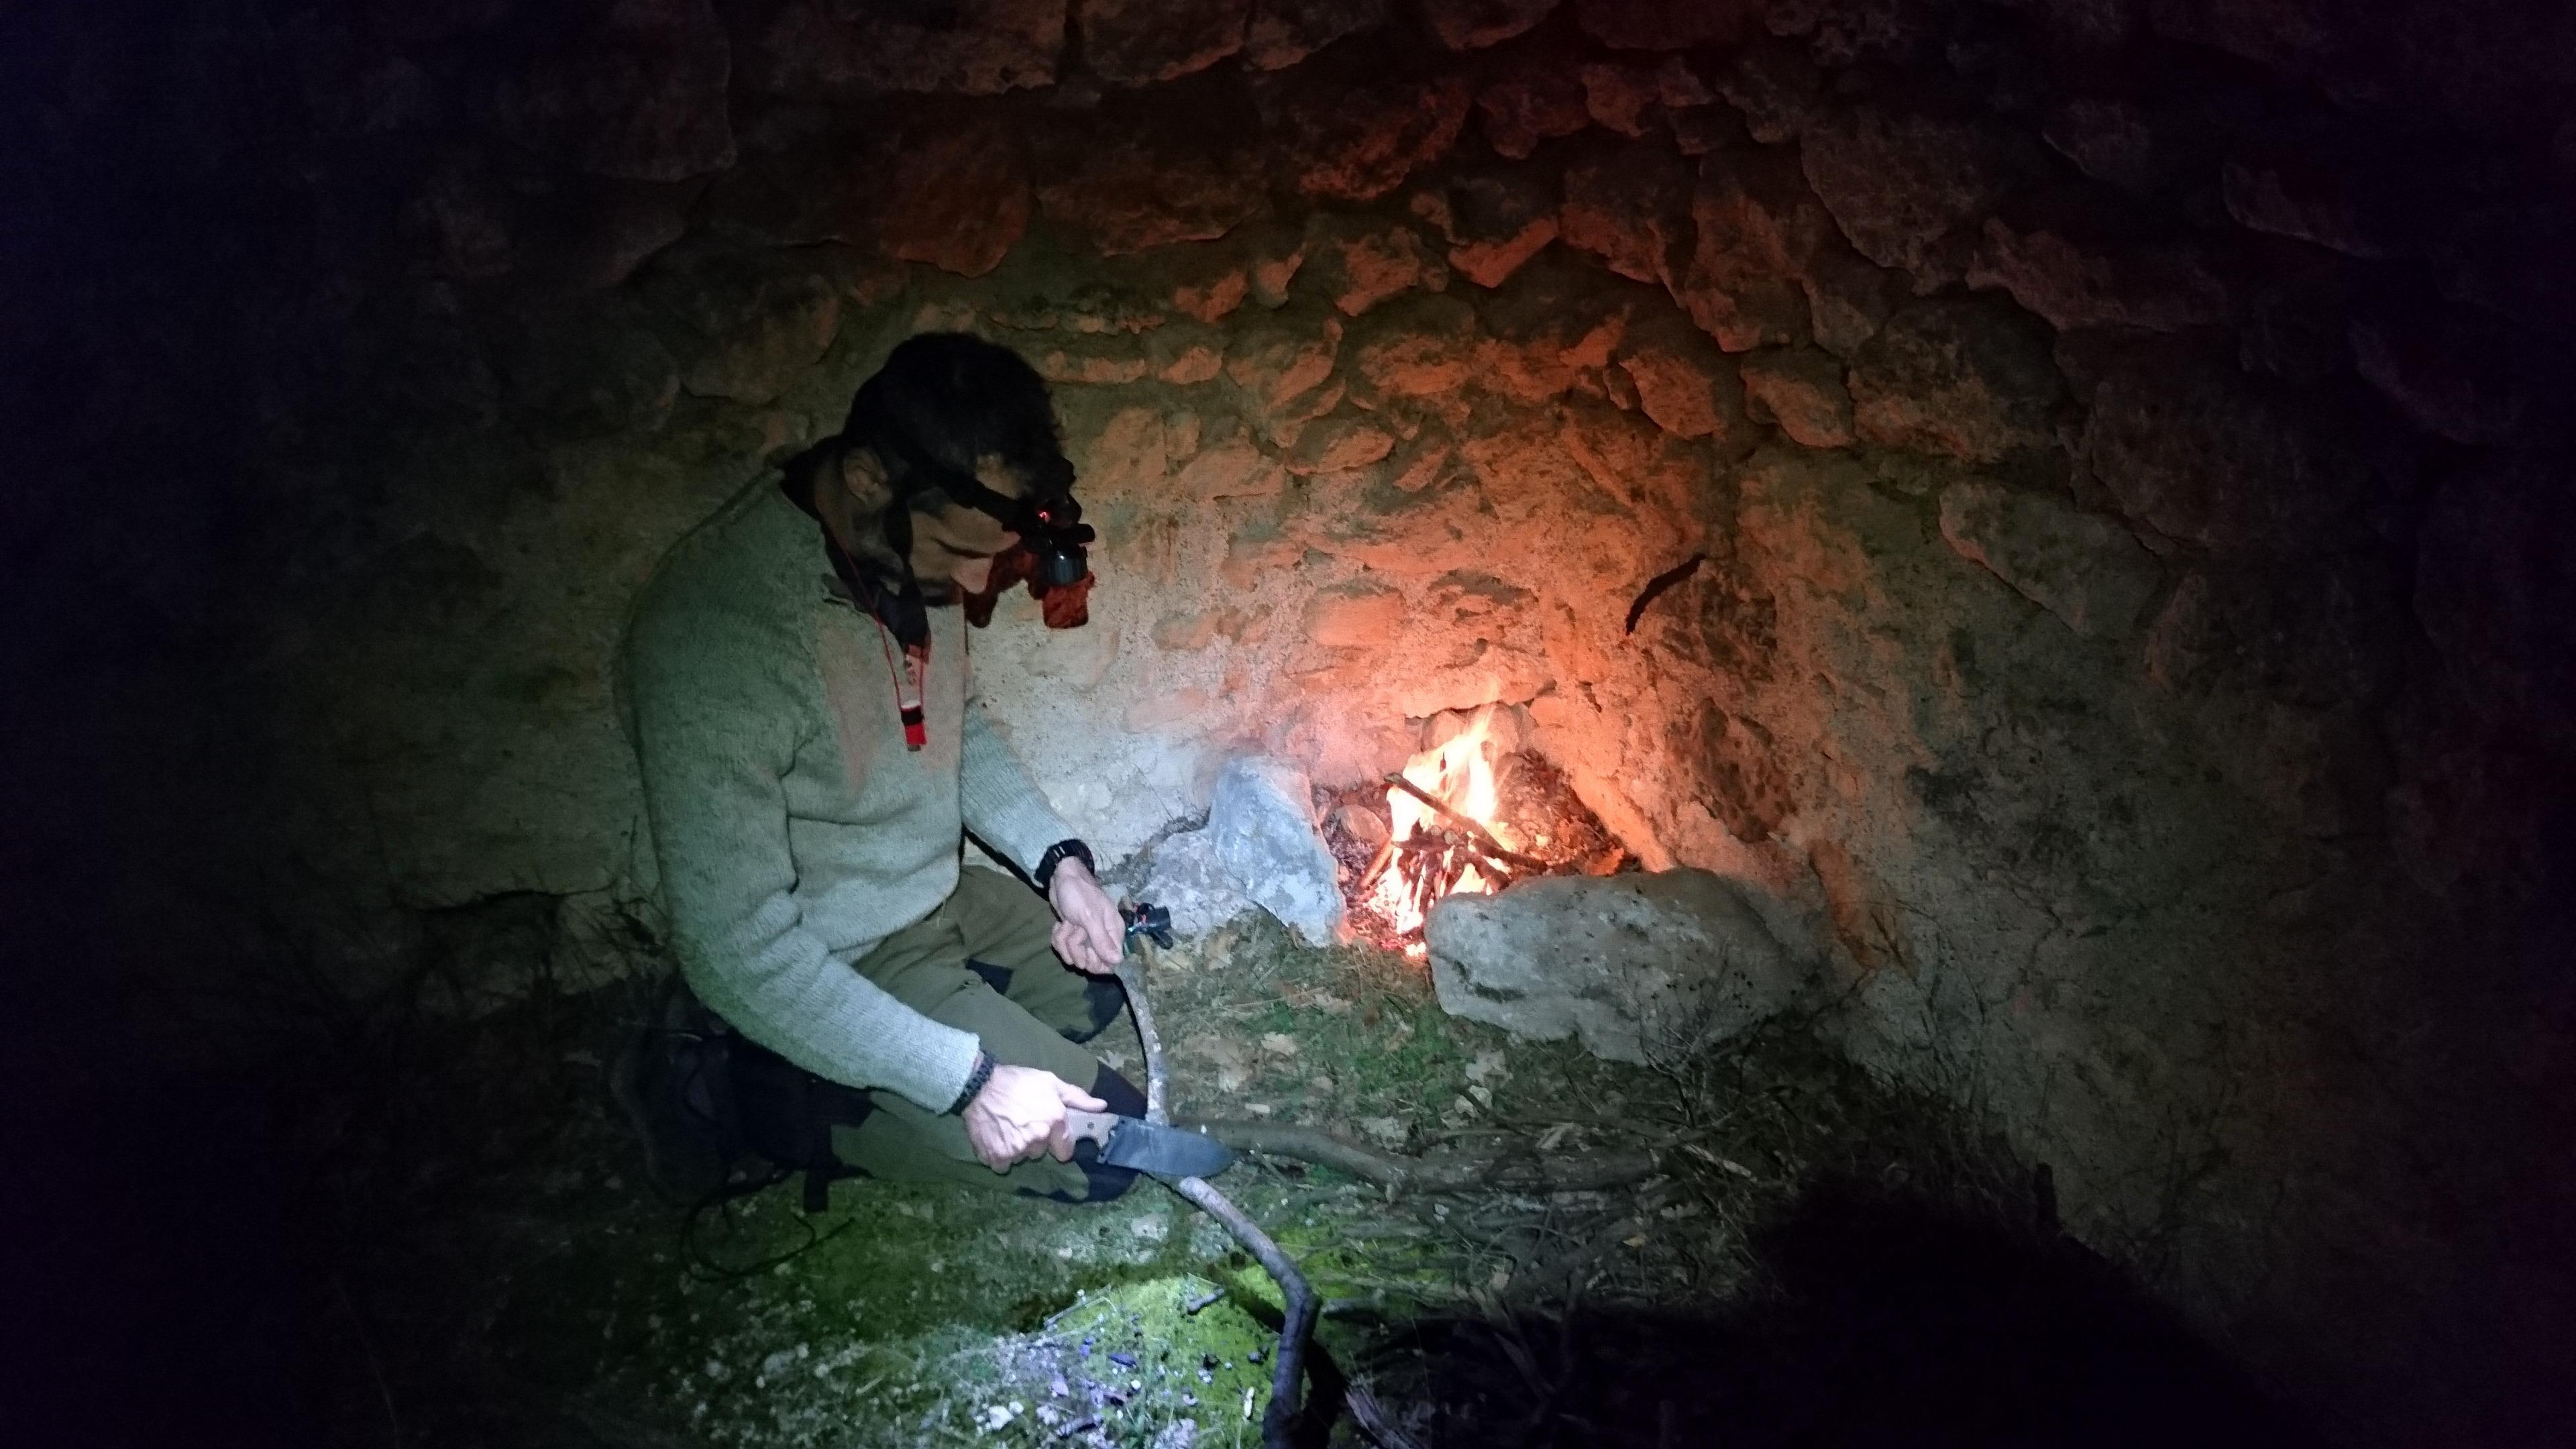 Samu gioca col suo amato coltello per preparare la legna per il fuoco